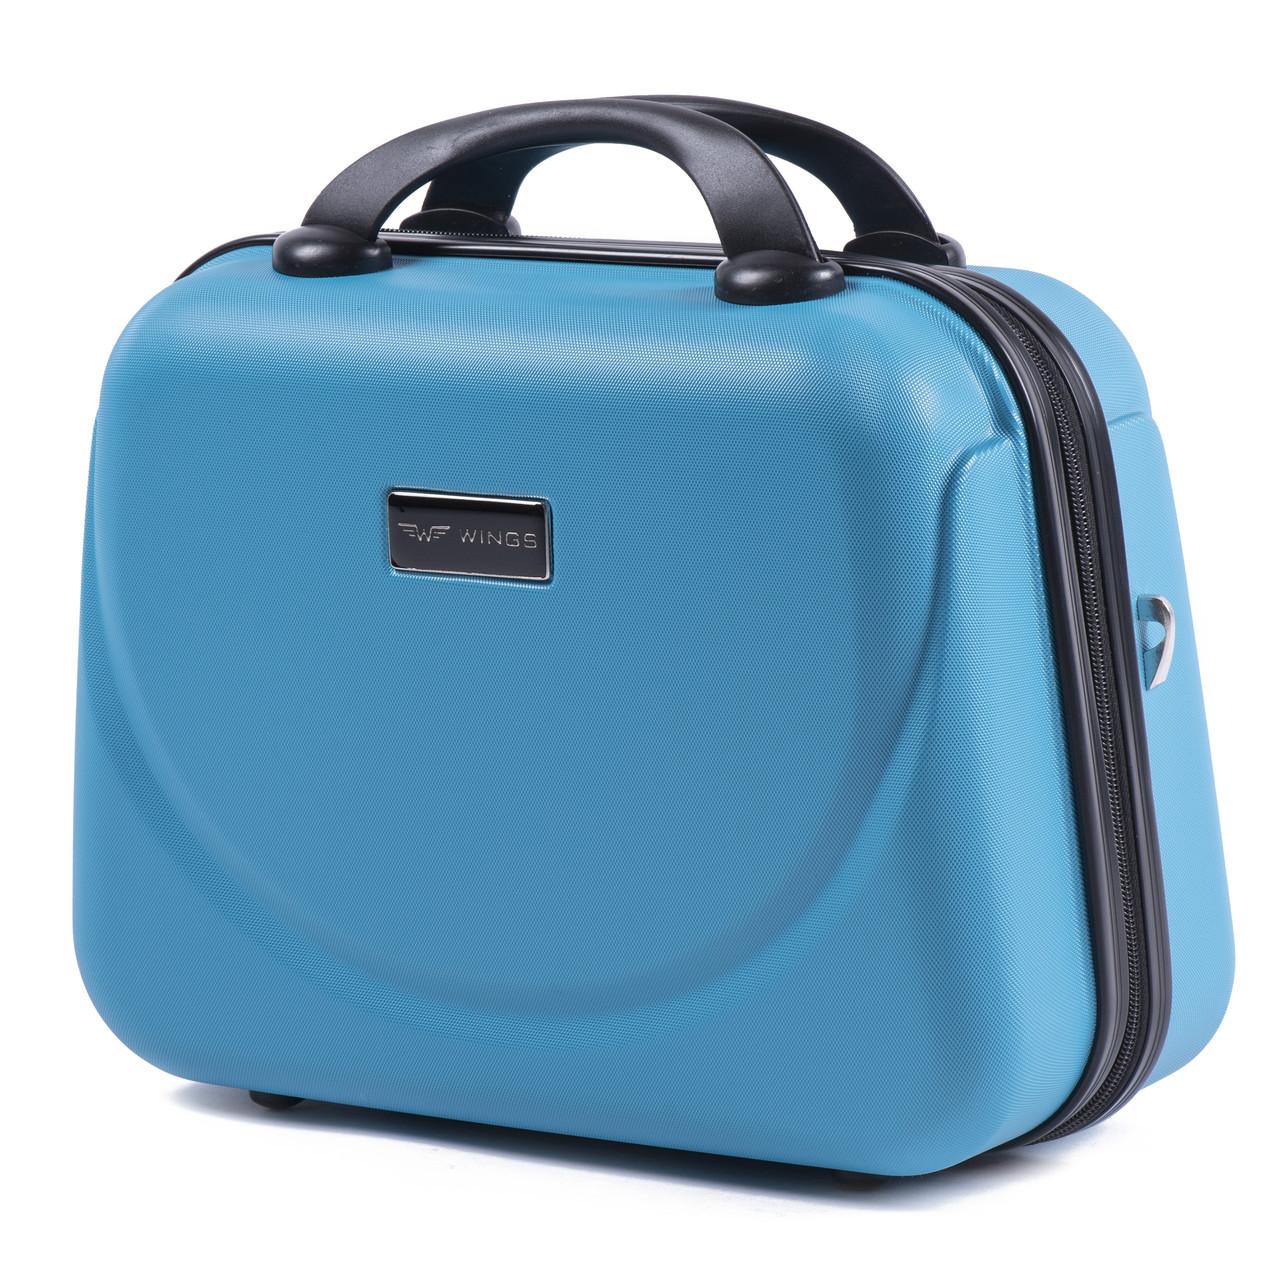 Кейс пластиковый Wings 310 голубой, фото 1